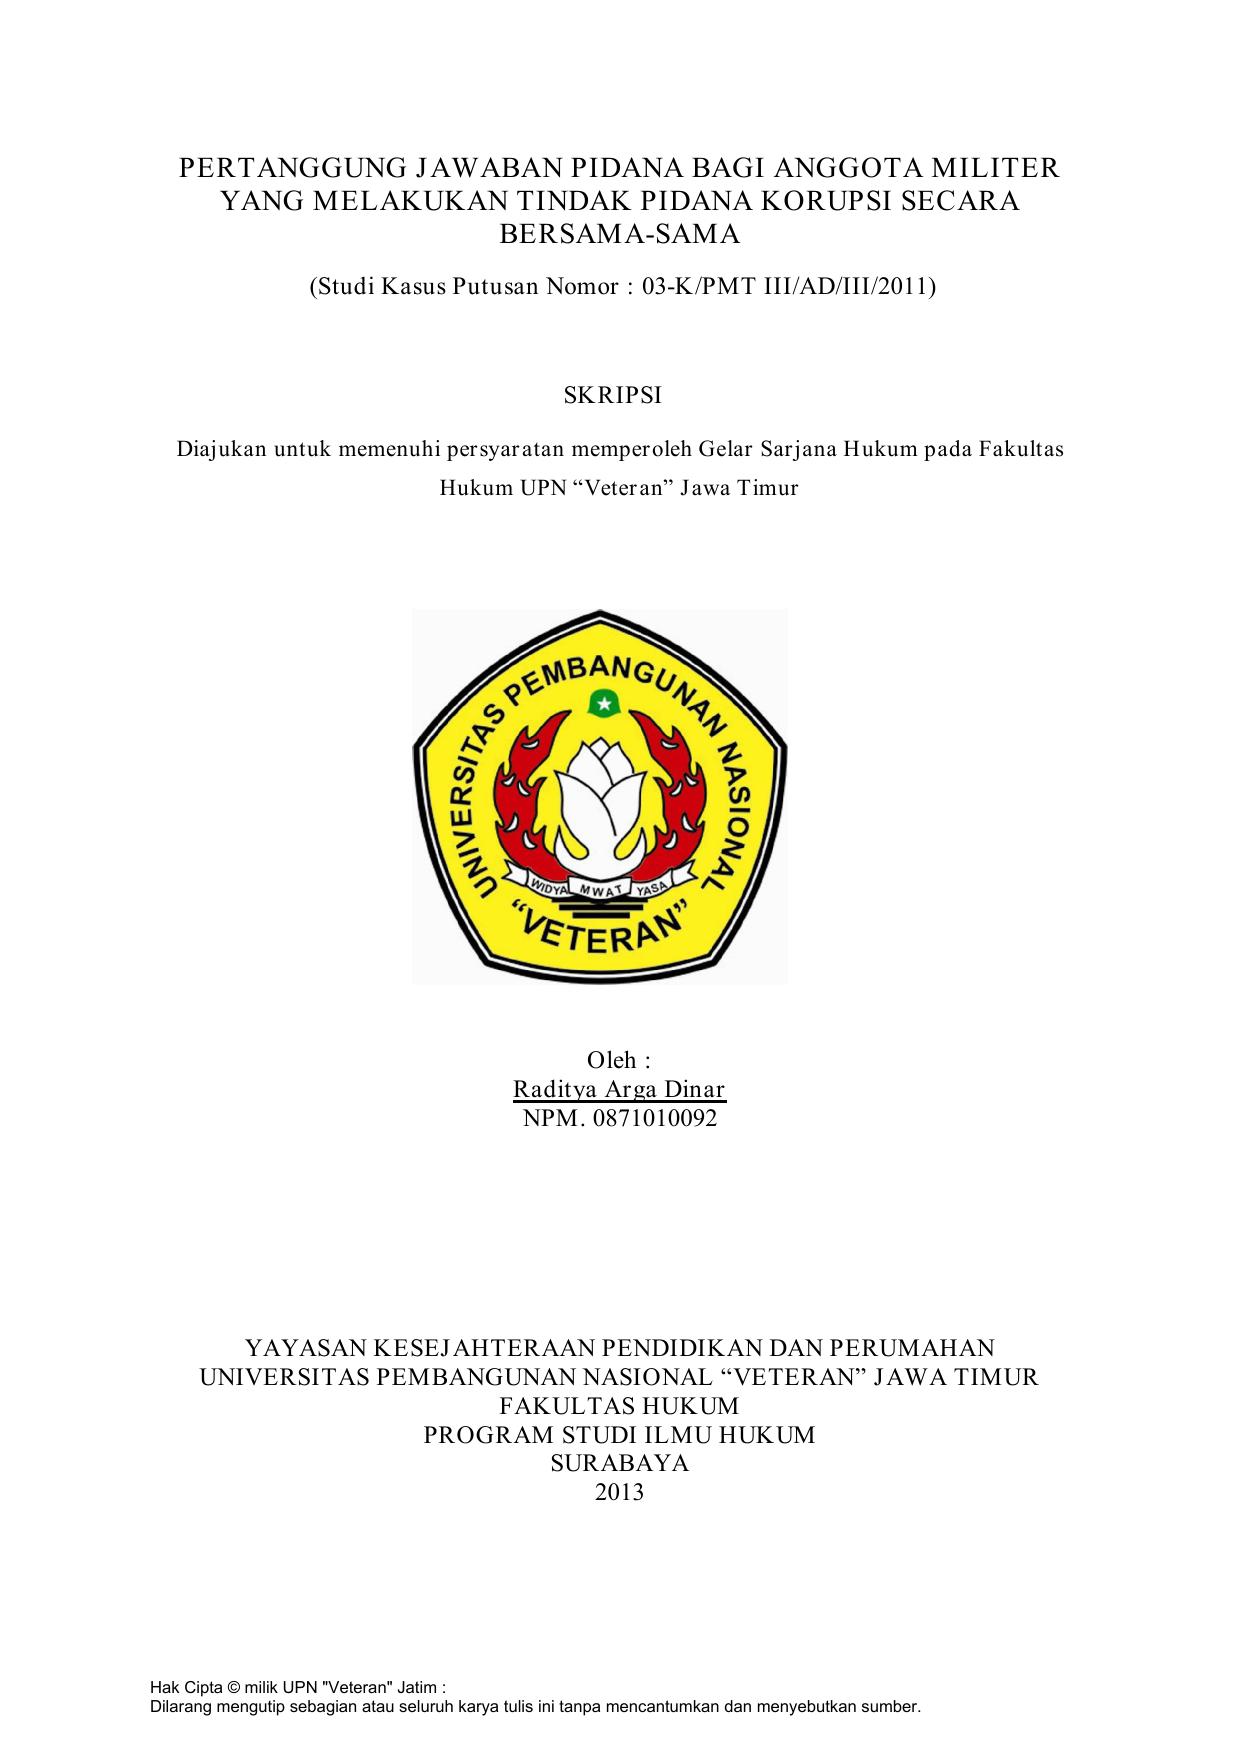 Pertanggung Jawaban Pidana Bagi Anggota Militer Yang Melakukan